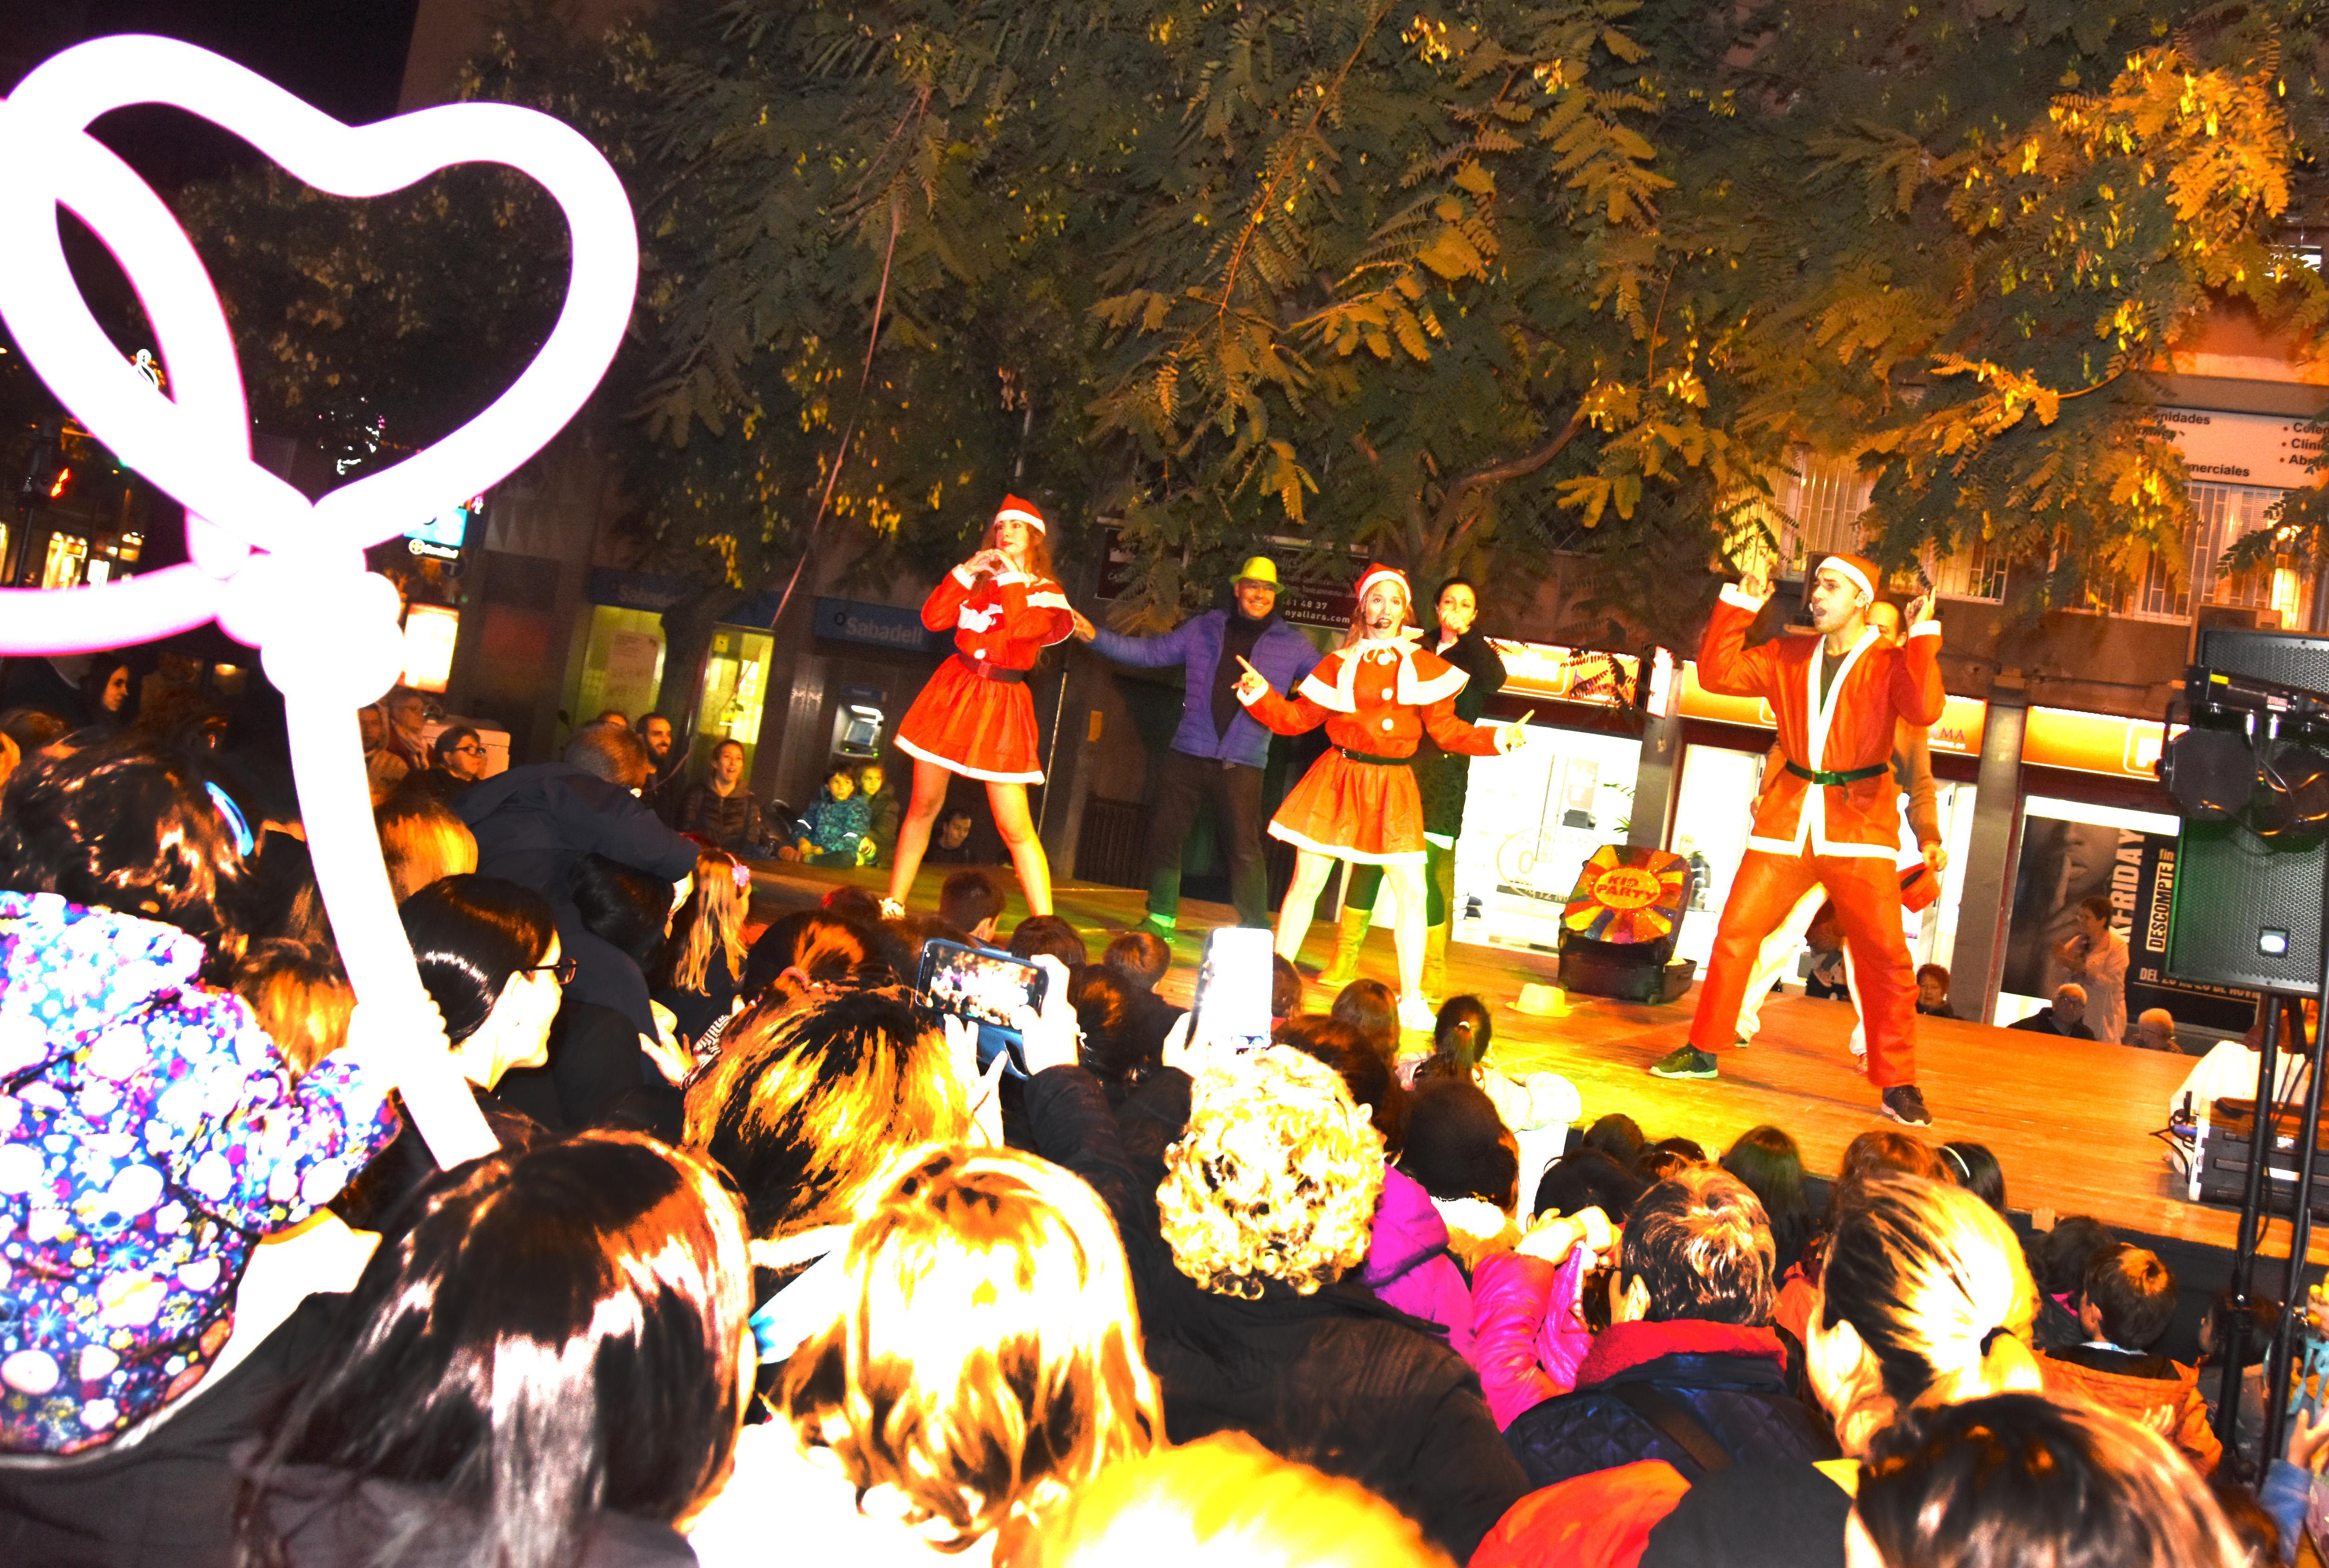 Gran Festa d'encesa de llums de Nadal